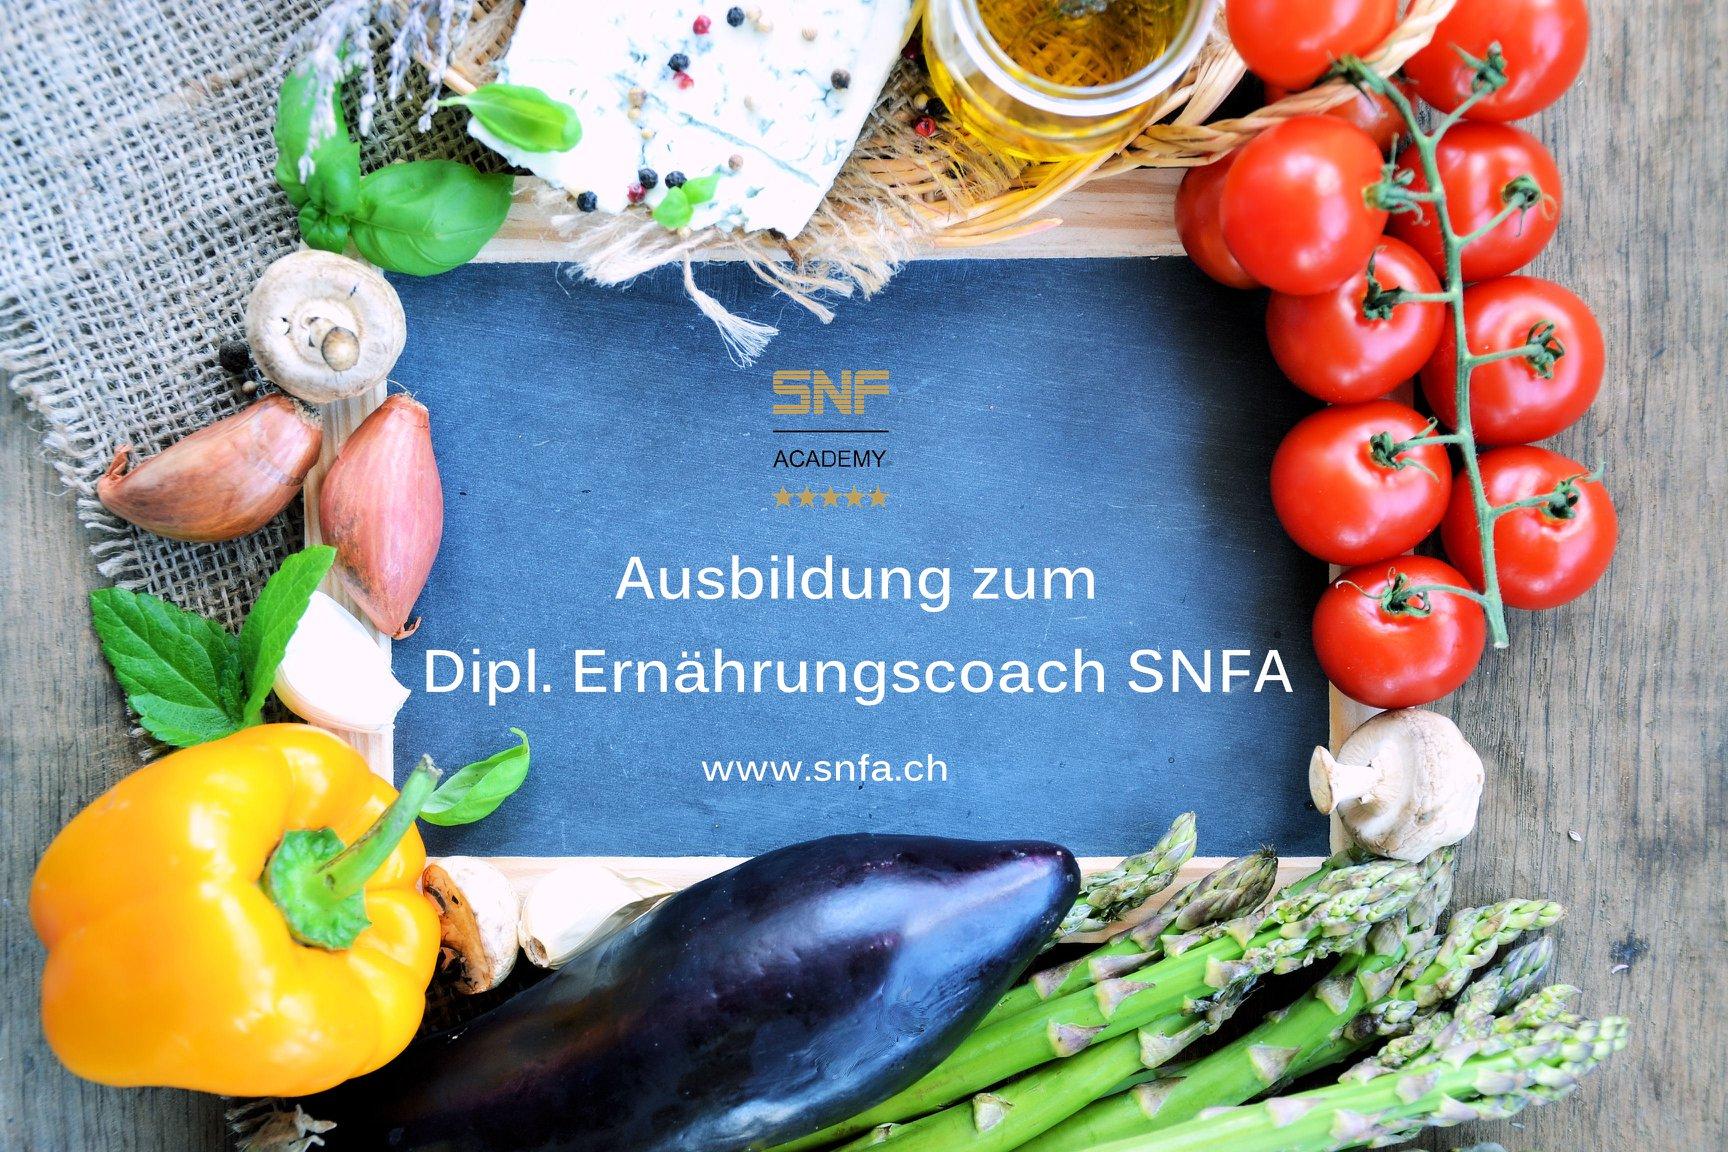 Ausbildung zum Dipl. Ernährungscoach